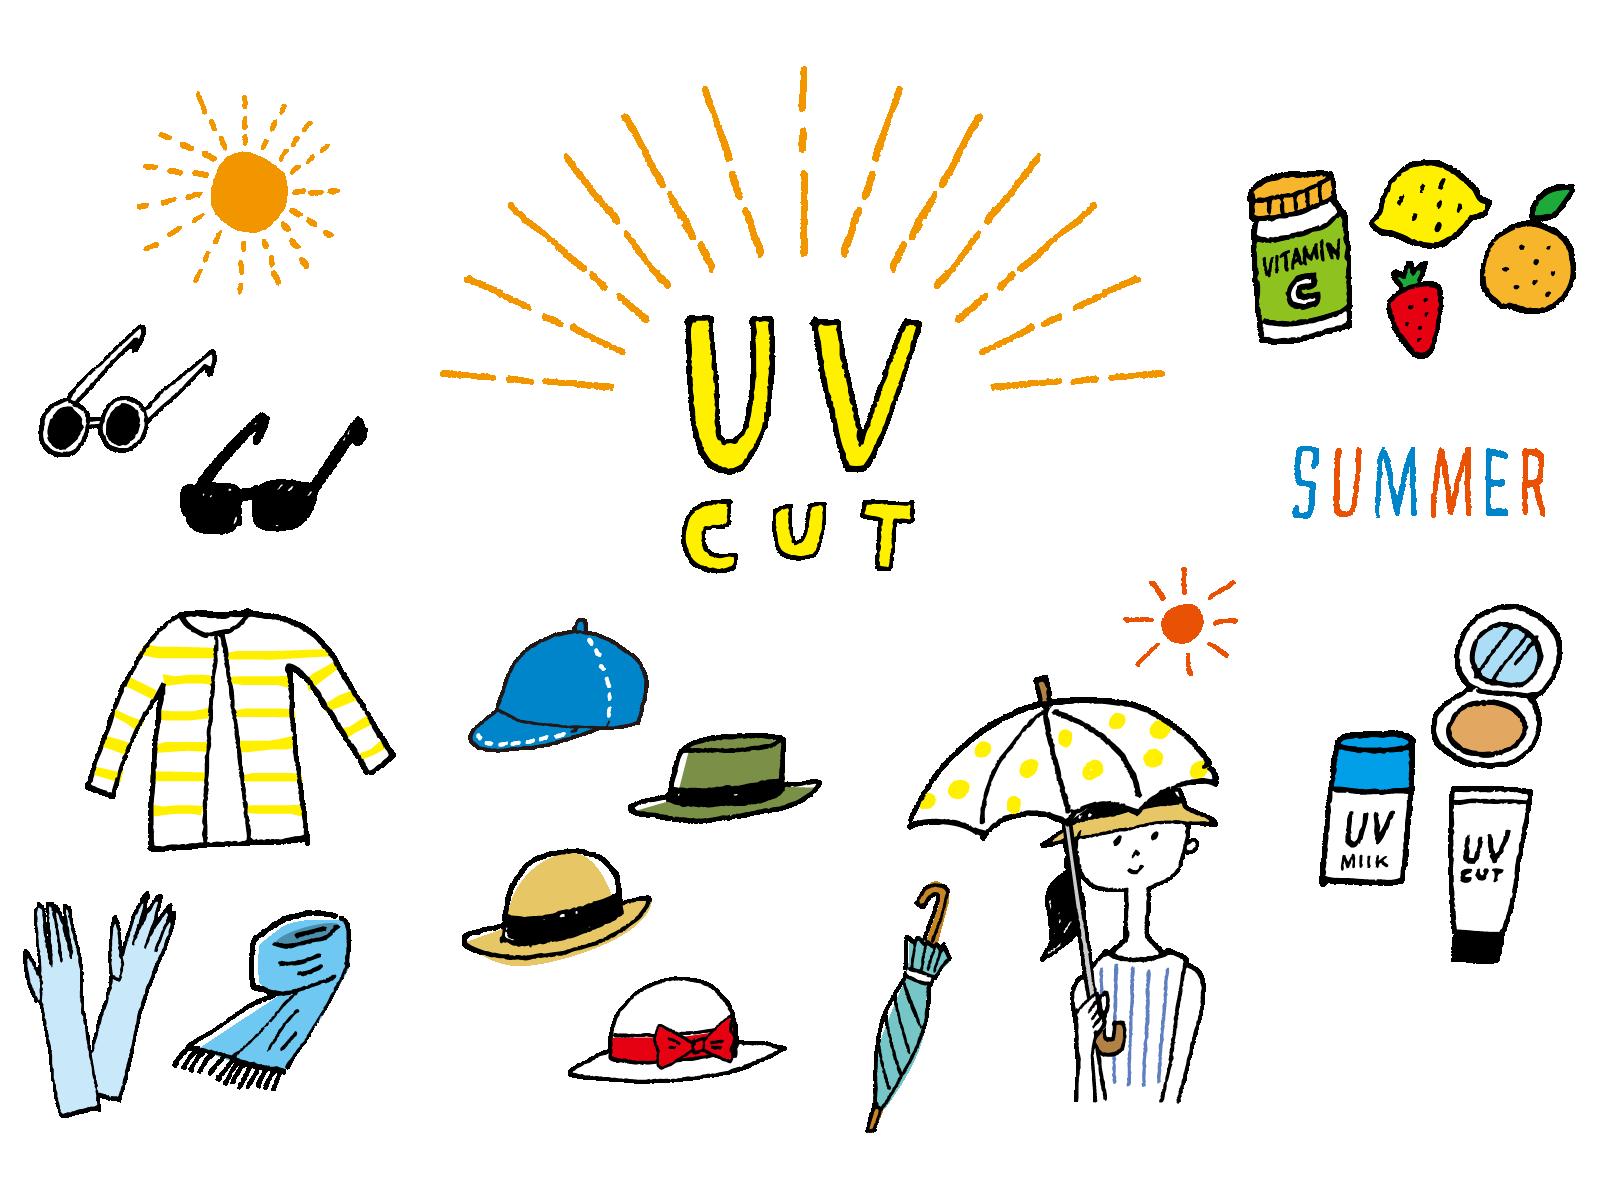 メガネ日焼け対策,UV対策